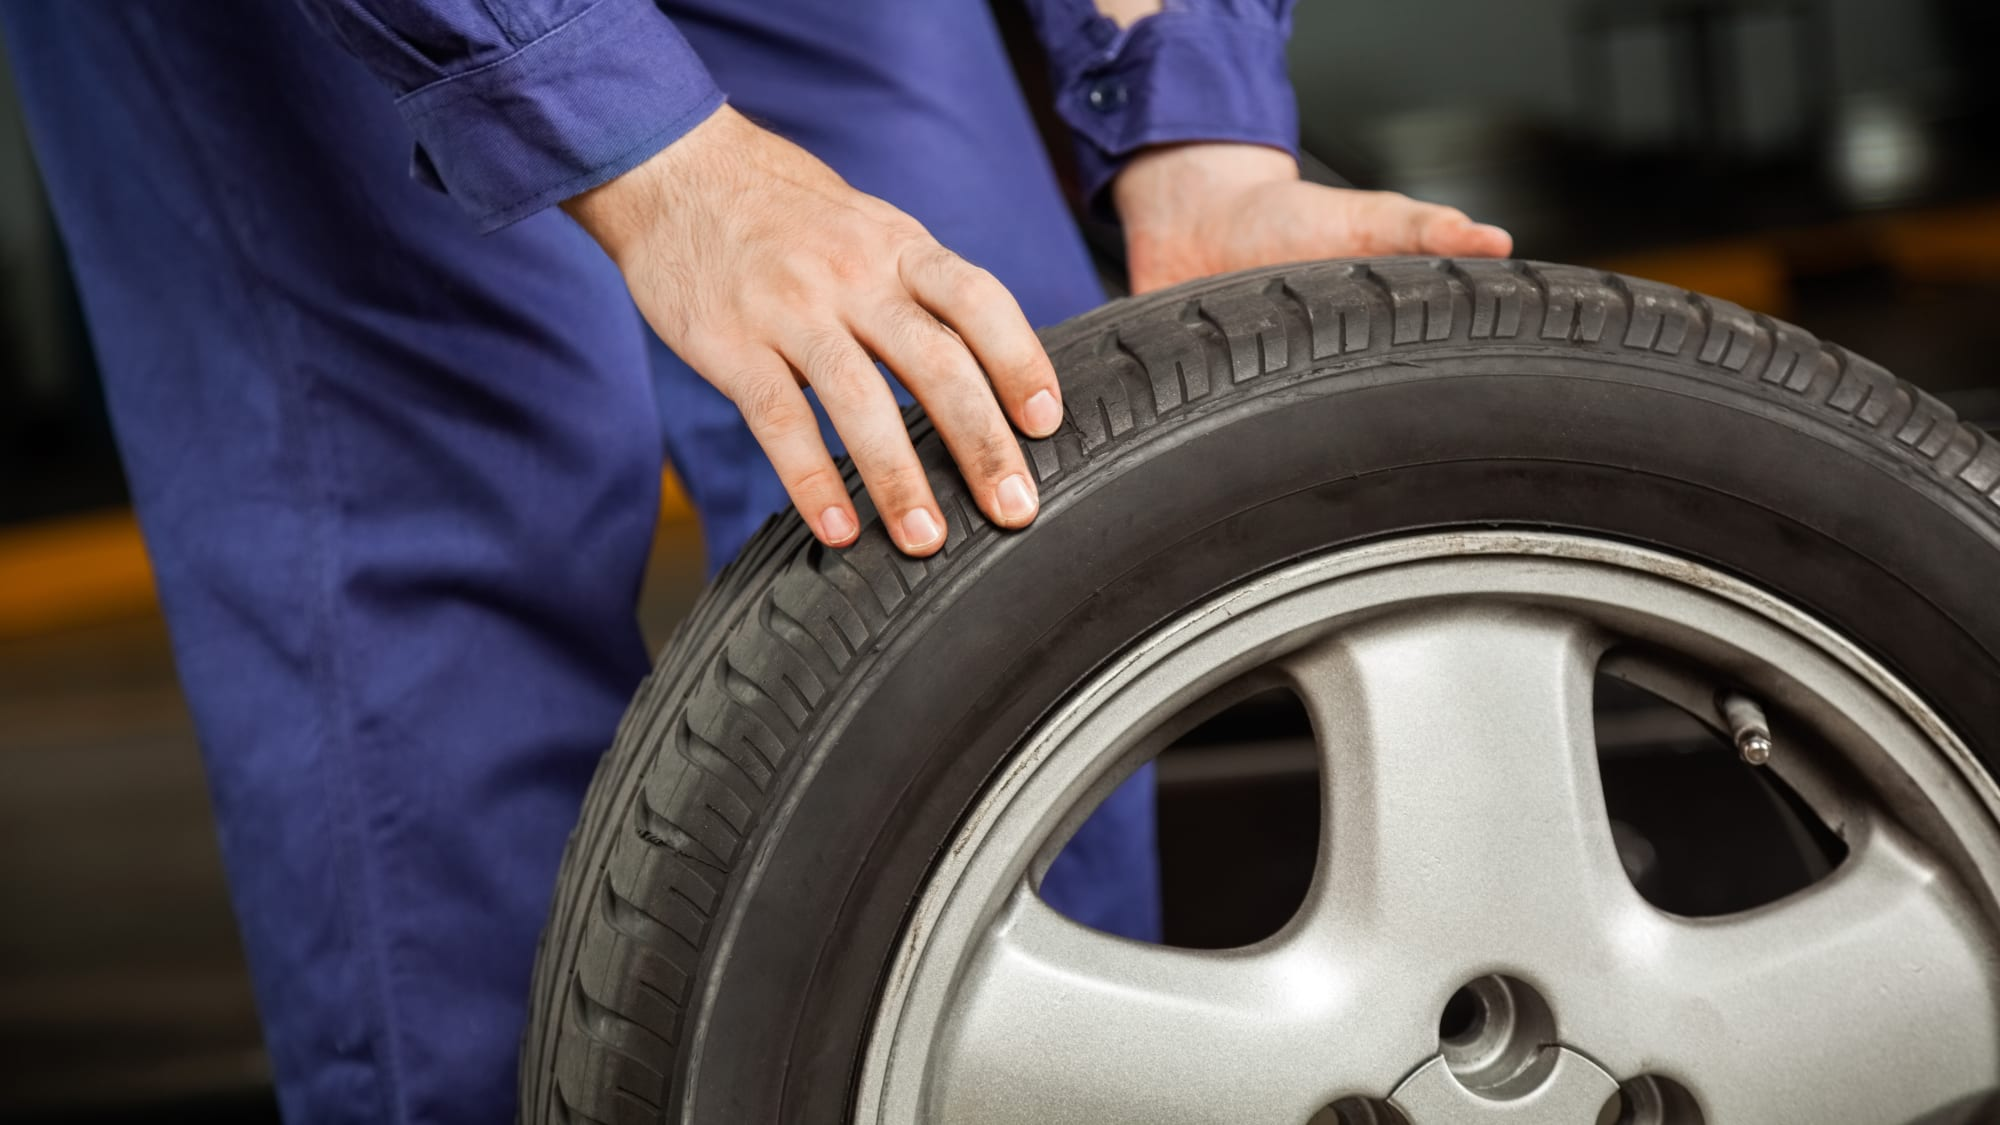 Mechaniker hält einen Reifen